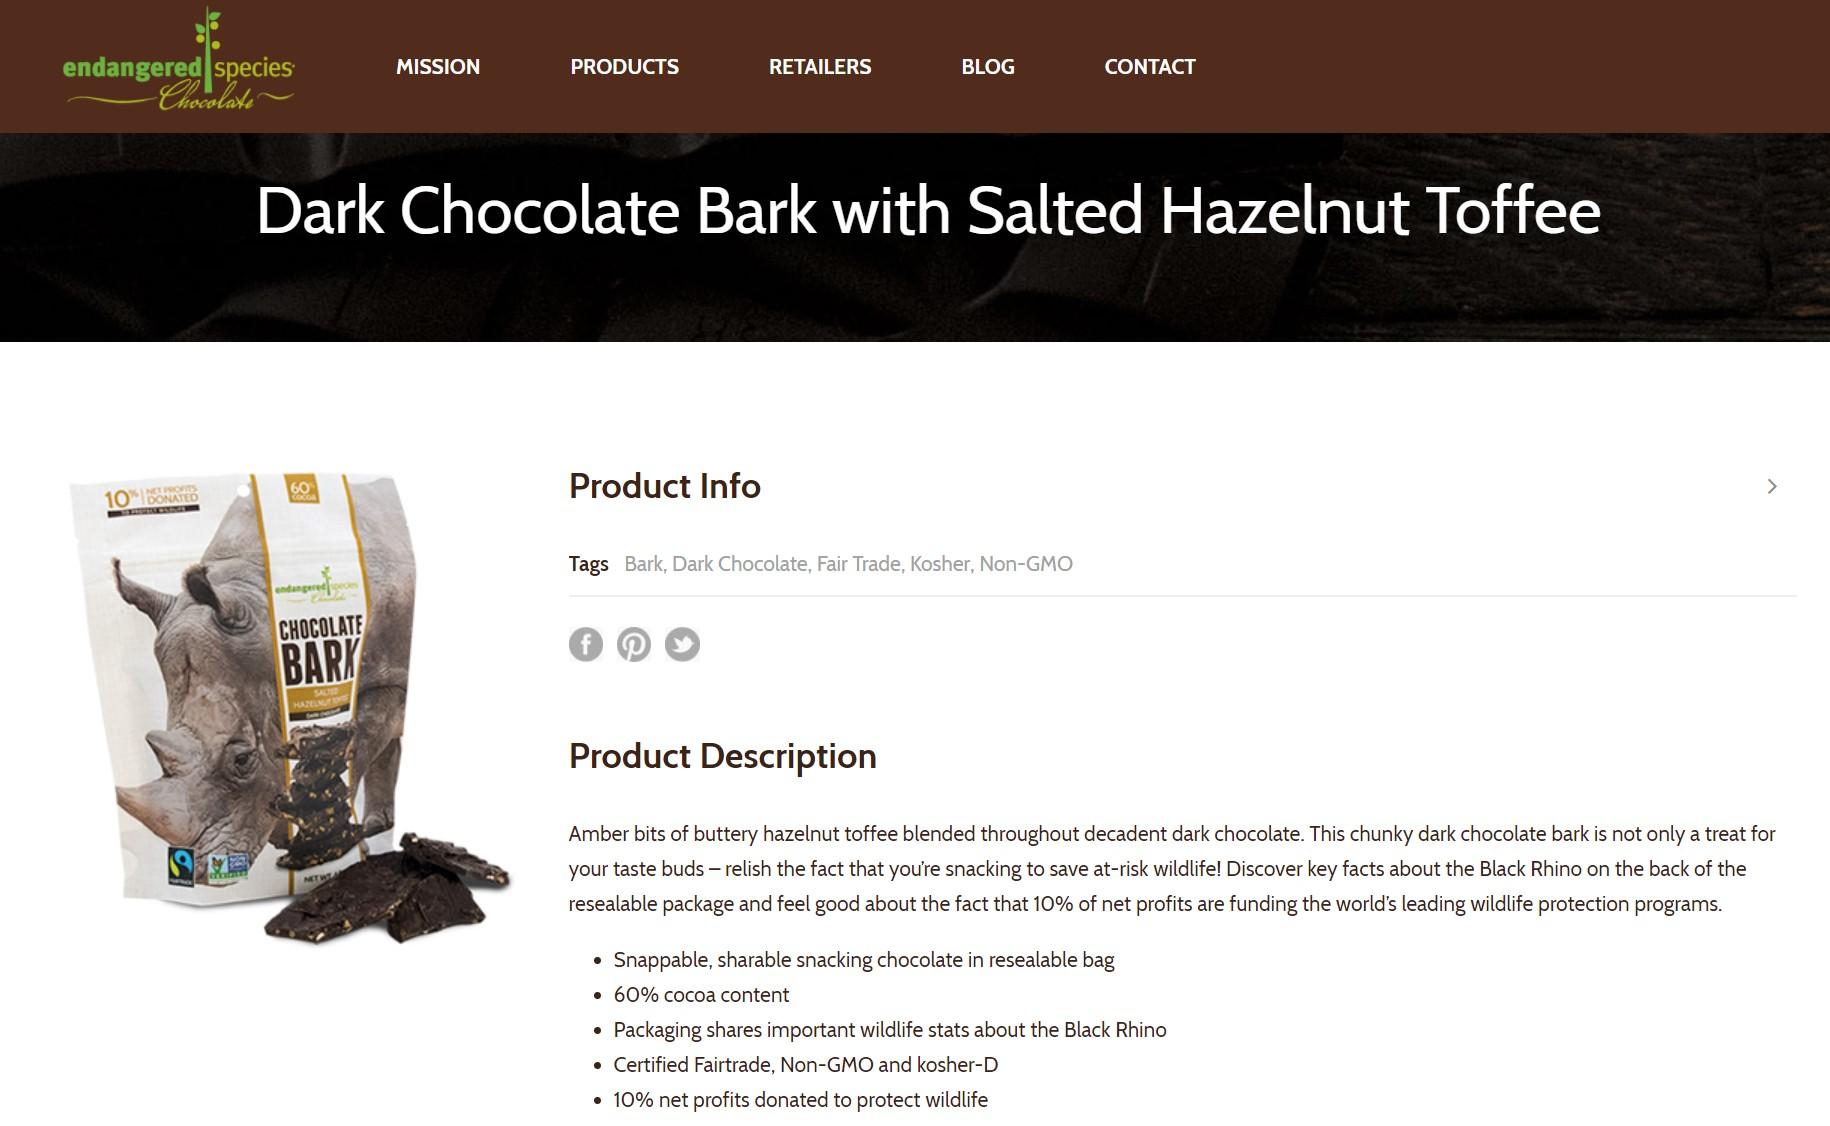 Great product description